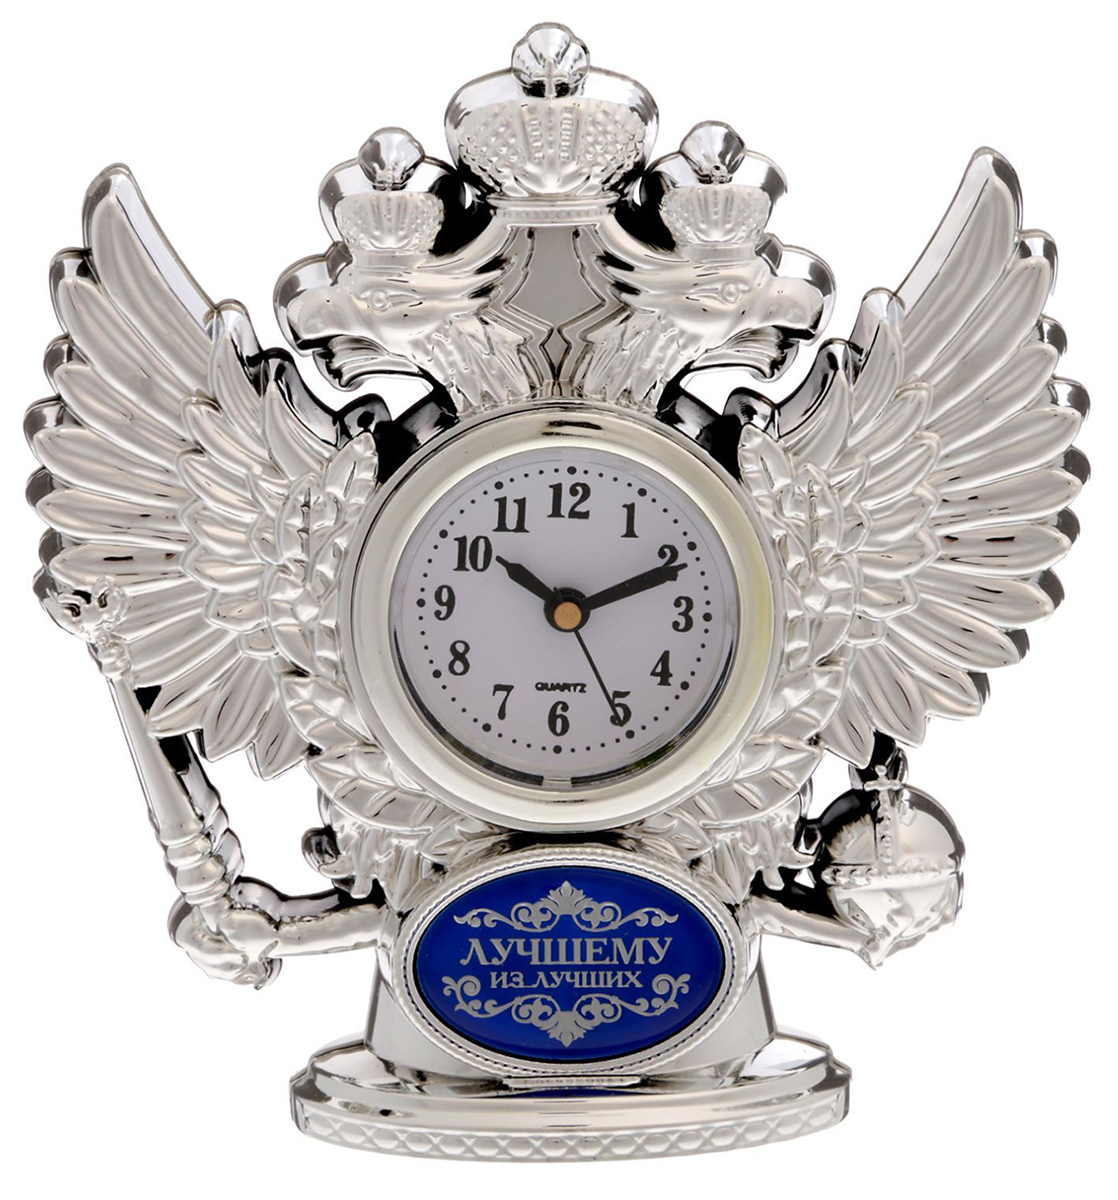 Часы настольные Лучшему из лучших, 11 х 12 см. 16929171692917Изделие созданоы для истинных патриотов с твёрдым характером. Двуглавый орёл, словно стоит на страже вашего времени, обрамляя циферблат и придавая предмету статусный облик. Изделие прекрасно дополнит письменный стол или стеллаж в кабинете, ведь это не просто часы, но и стильная статуэтка. На обратной стороне вы найдёте мотивирующую на покорение всего мира надпись! Инструкция Аккуратно достаньте механизм с циферблатом из корпуса. Установите время с помощью колёсика. Вставьте механизм обратно. Часы работают от батареек AG 13. Сувенир преподносится в подарочной коробочке с прозрачным окном.